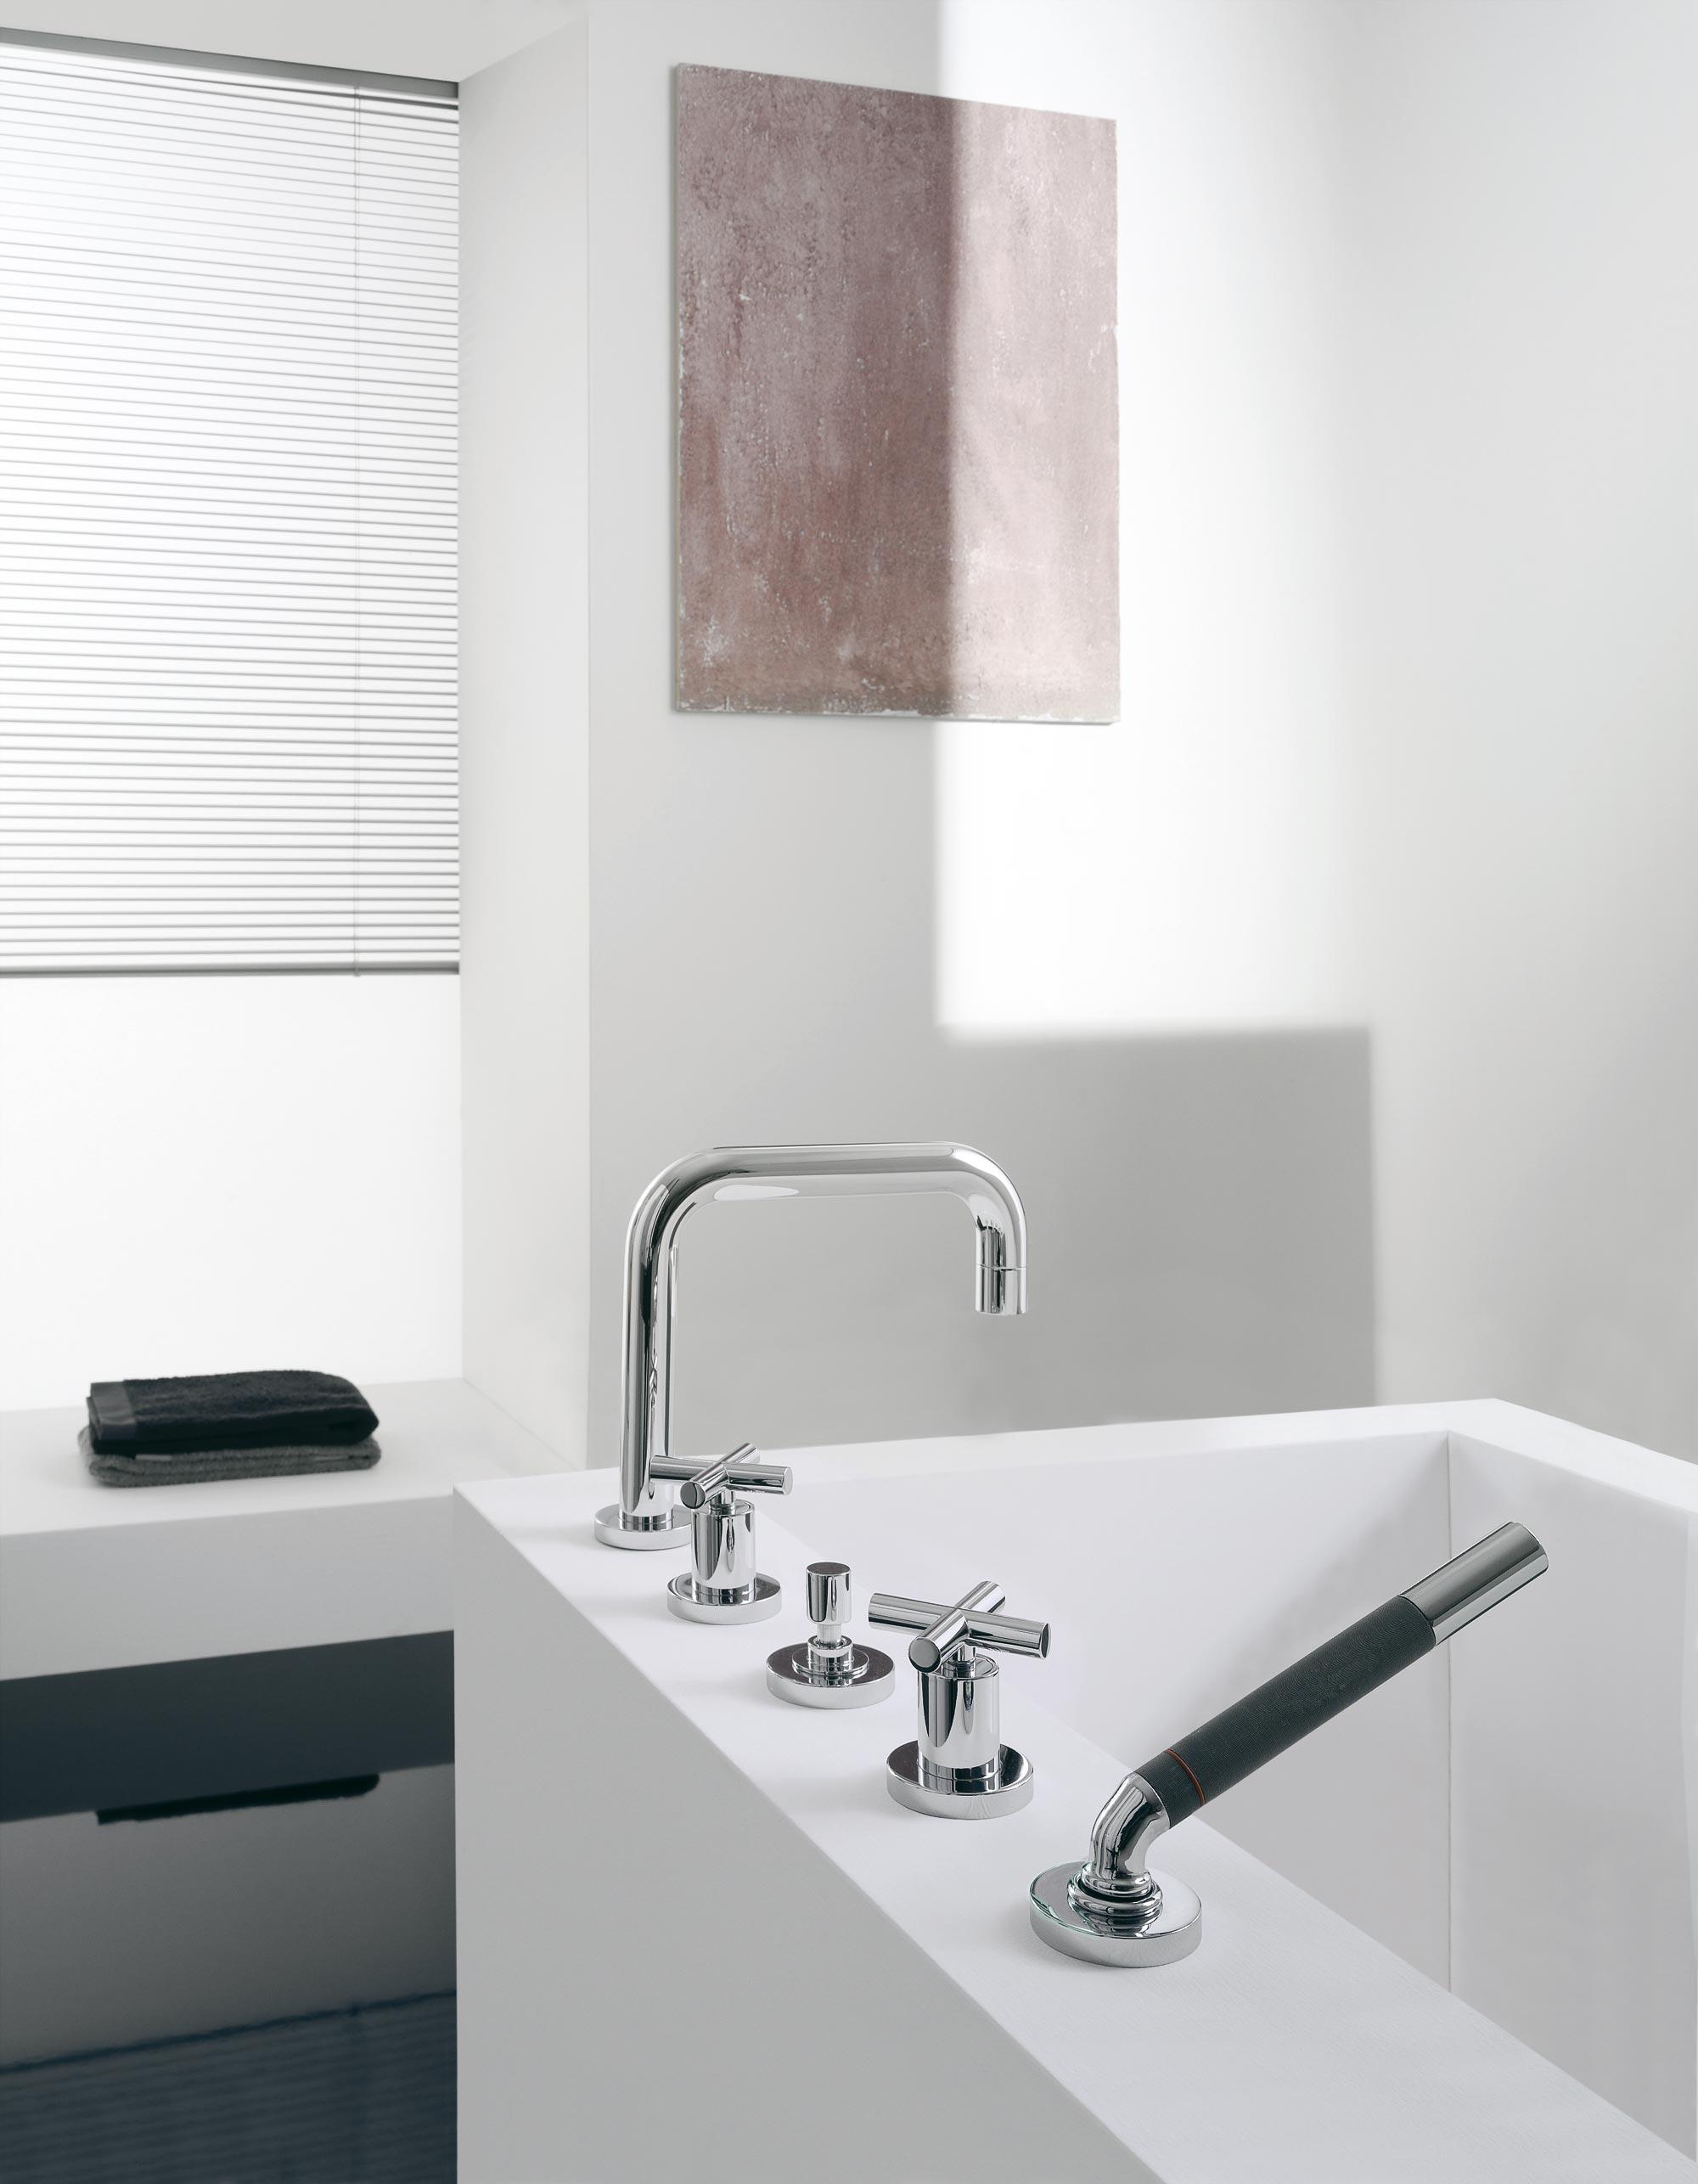 waschbecken und badezimmer armaturen dada. Black Bedroom Furniture Sets. Home Design Ideas